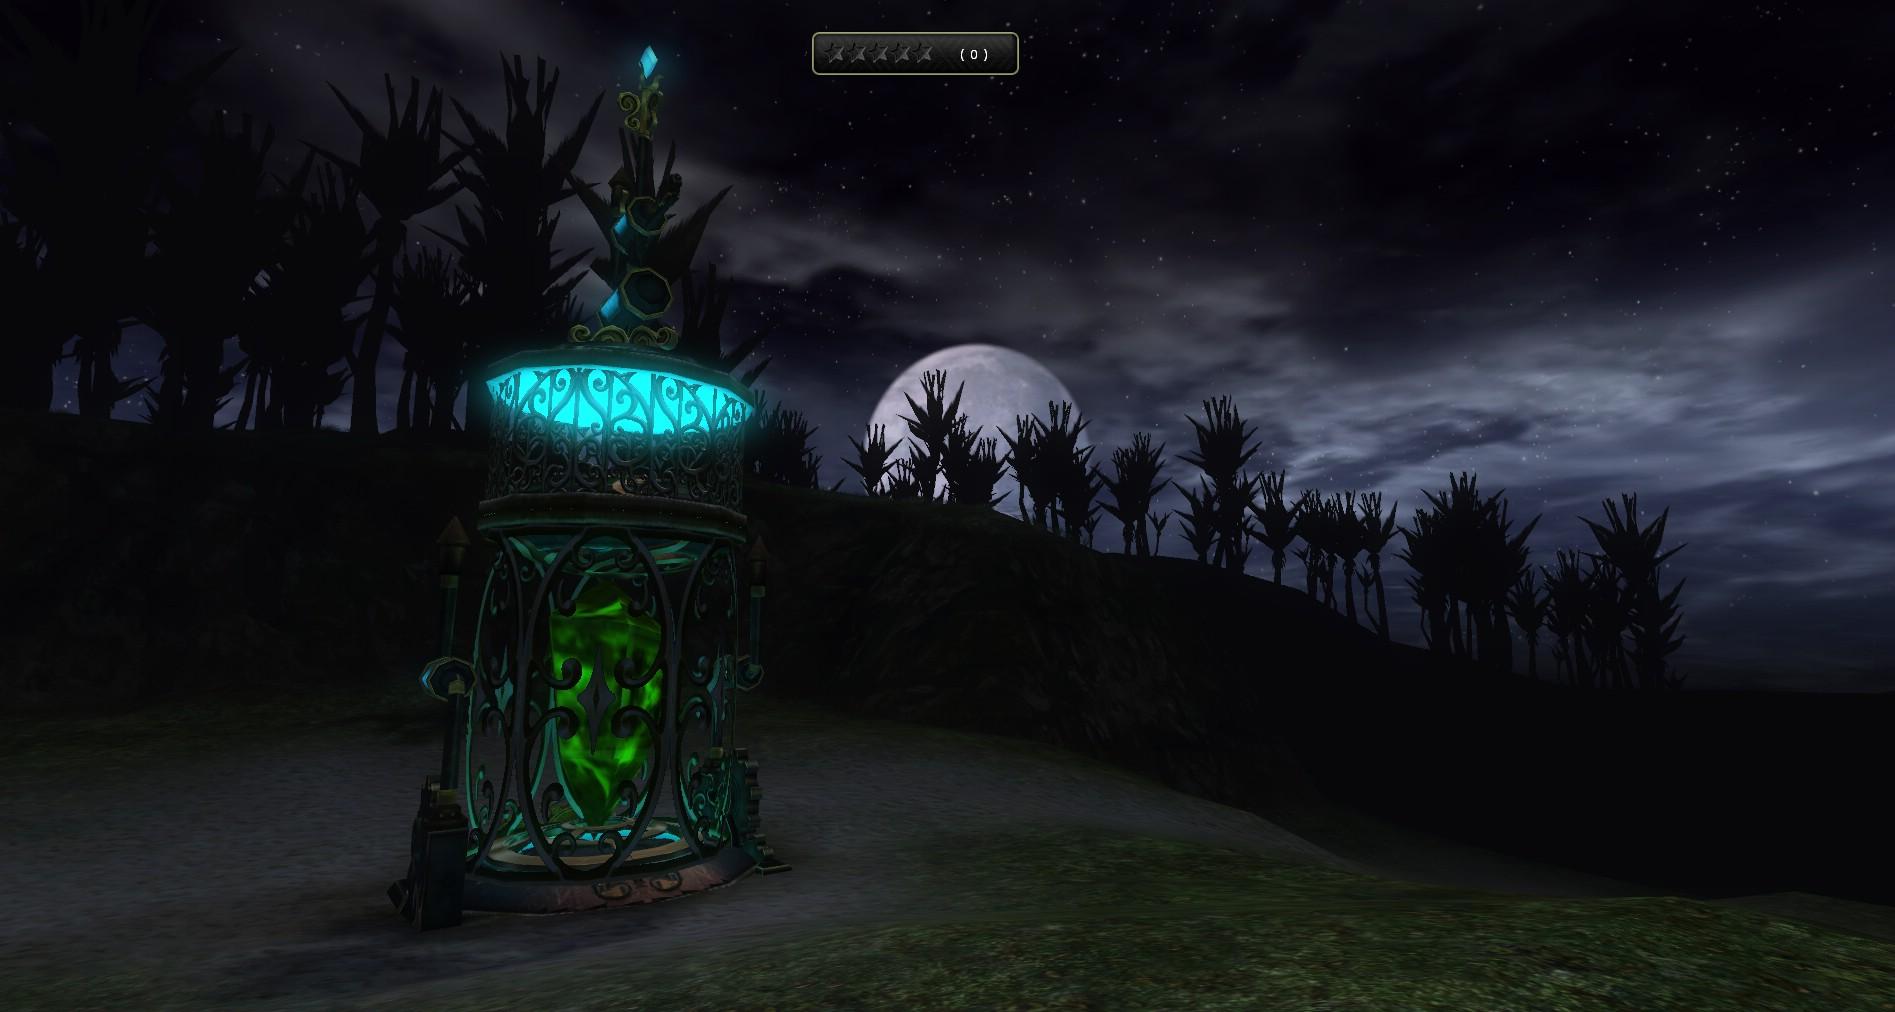 u12-kobold-island-spooky-moon